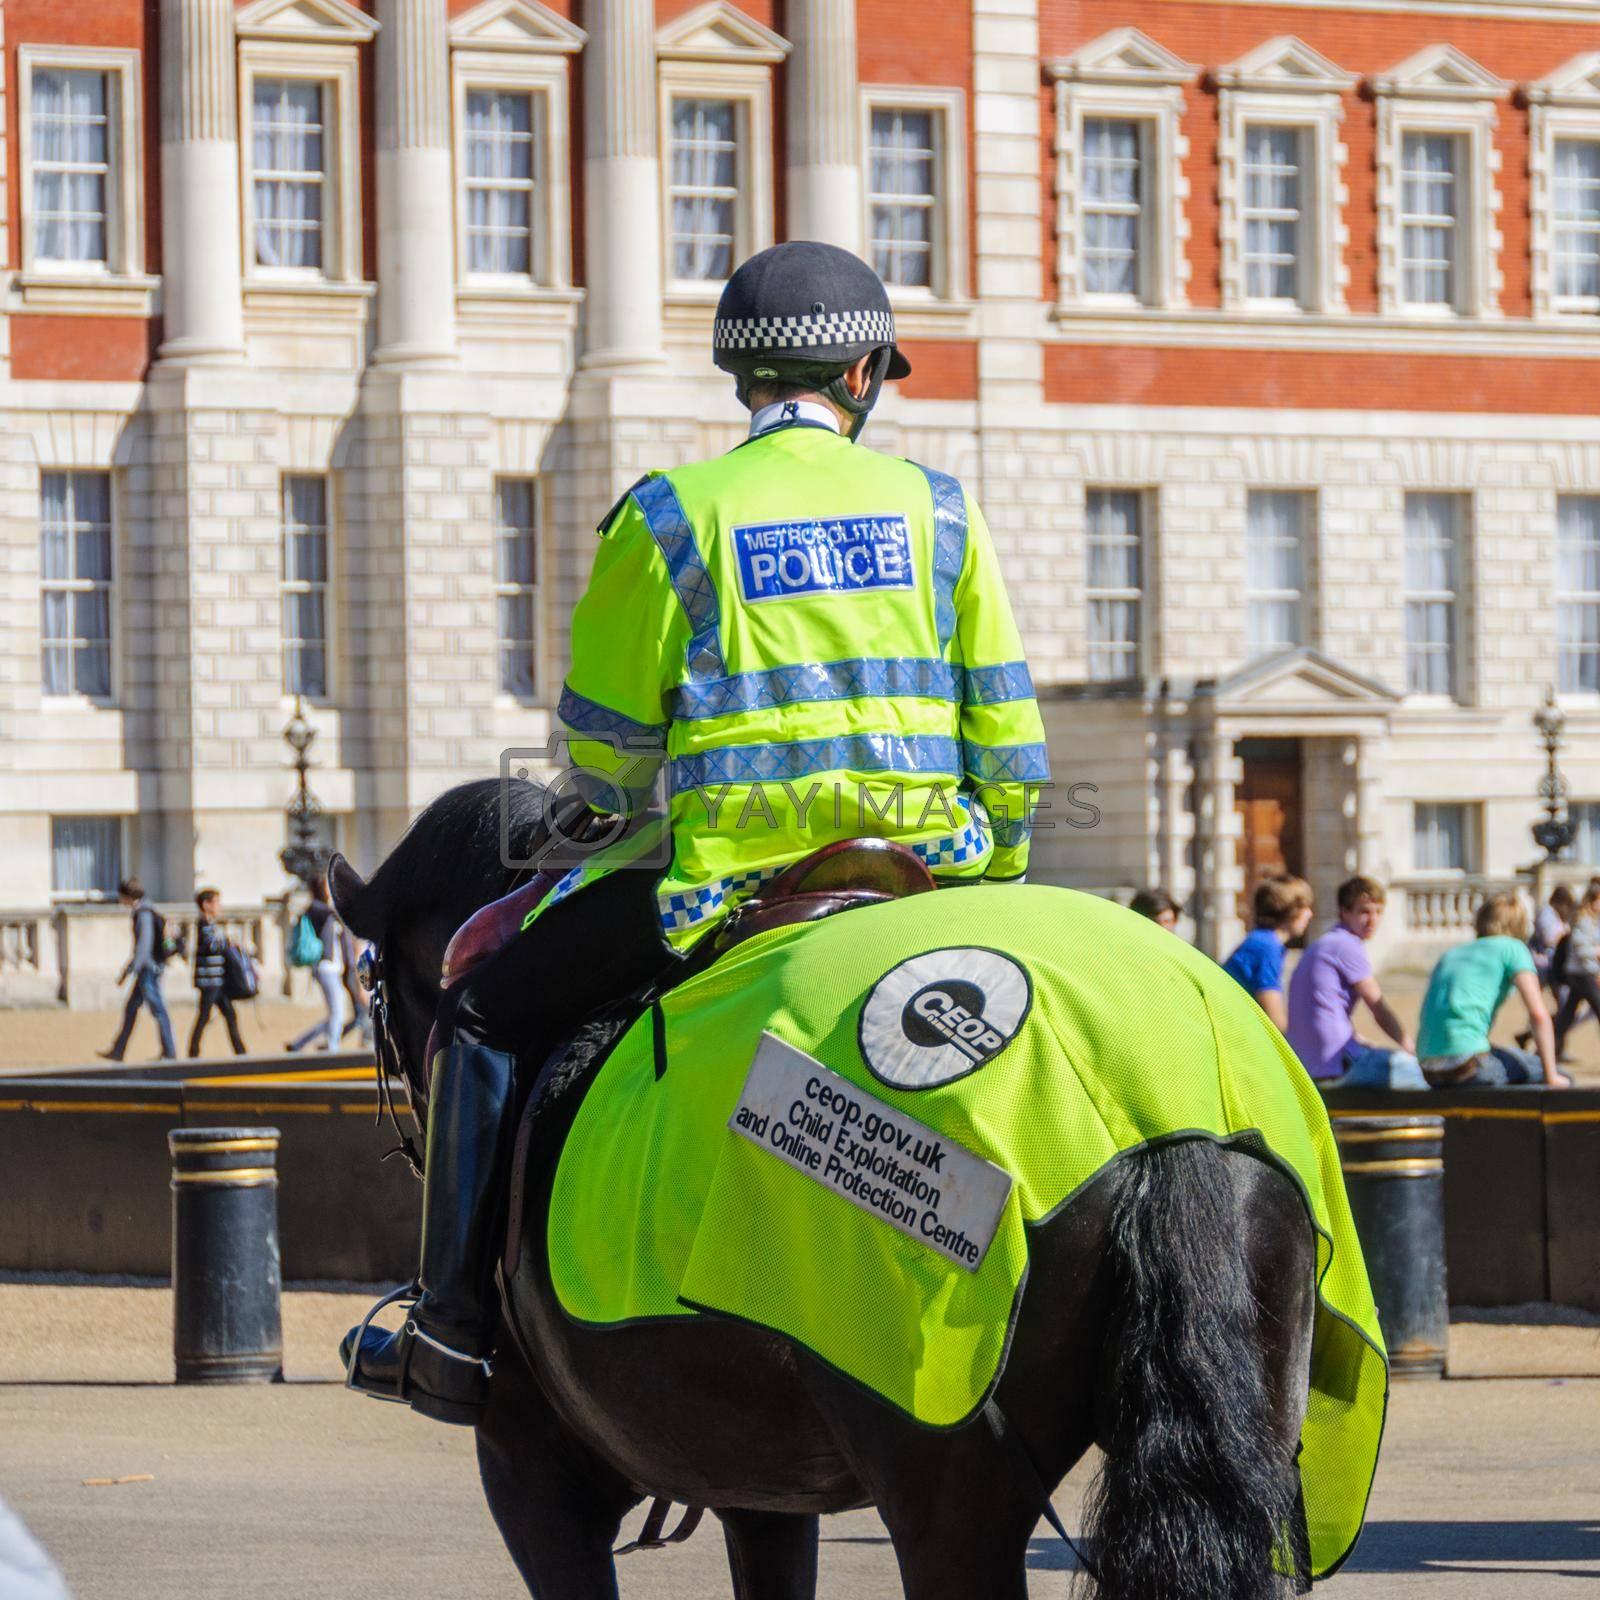 LONDON, UK - CIRCA APRIl 2011: Mounted police officer at Horse Guard Parade.